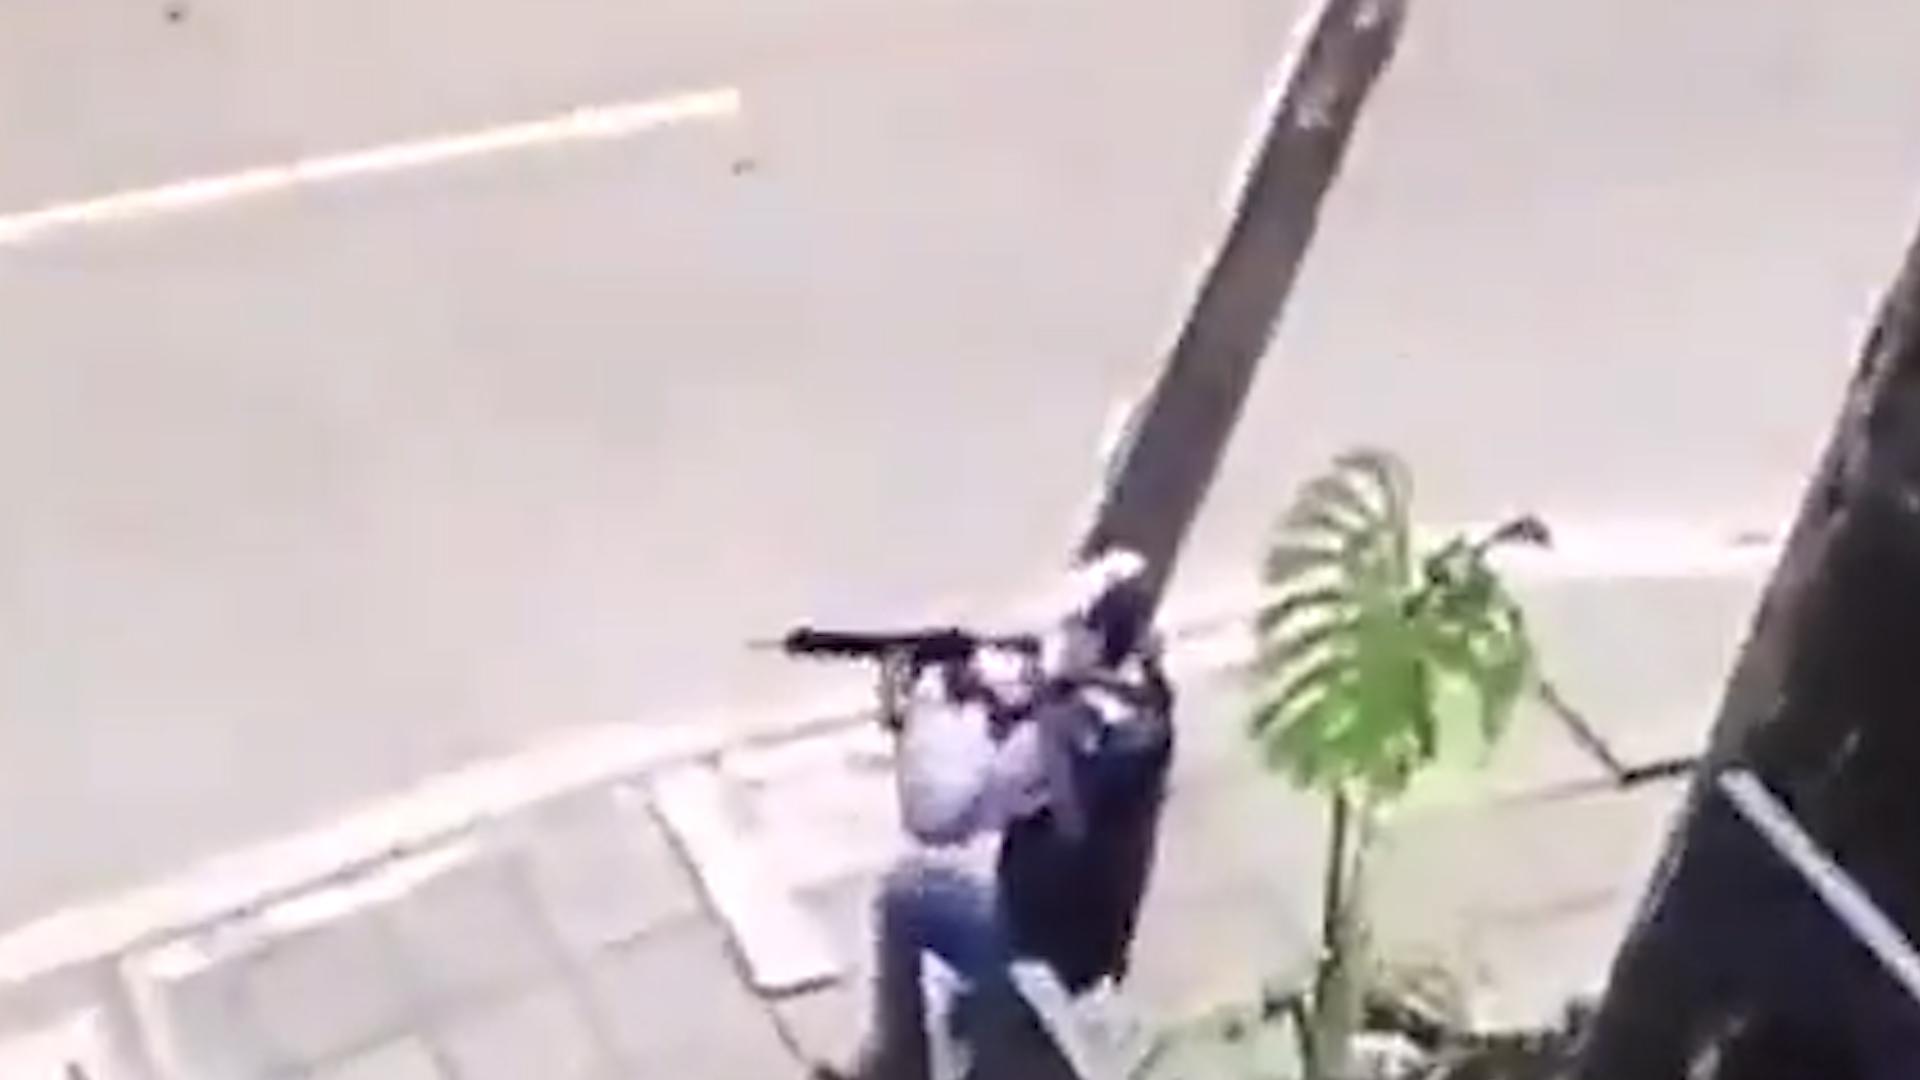 Открыл огонь по толпе: В Колумбии протестующие расправились с полицейским, застрелившим двух человек